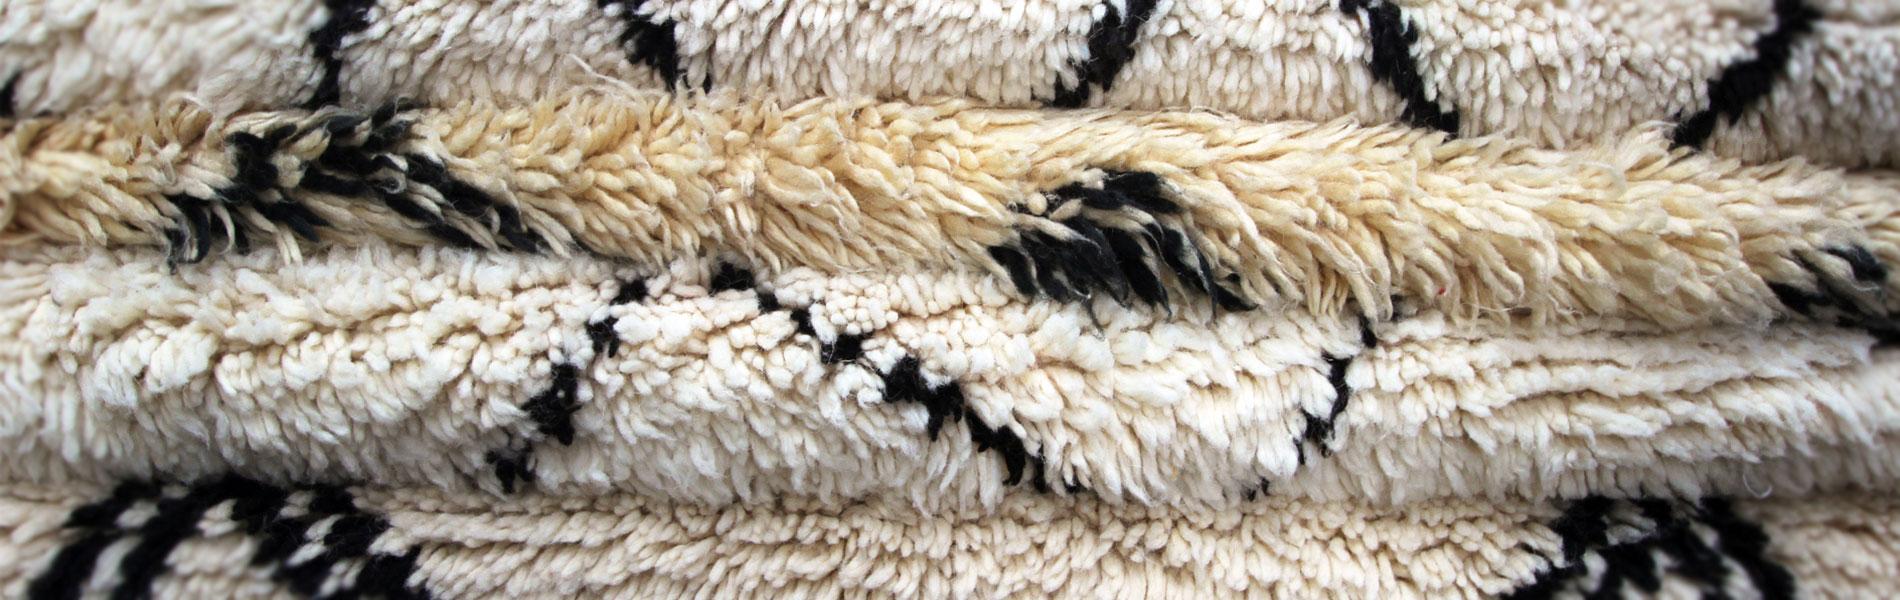 Berber Rugs & Beni Ourain Rugs